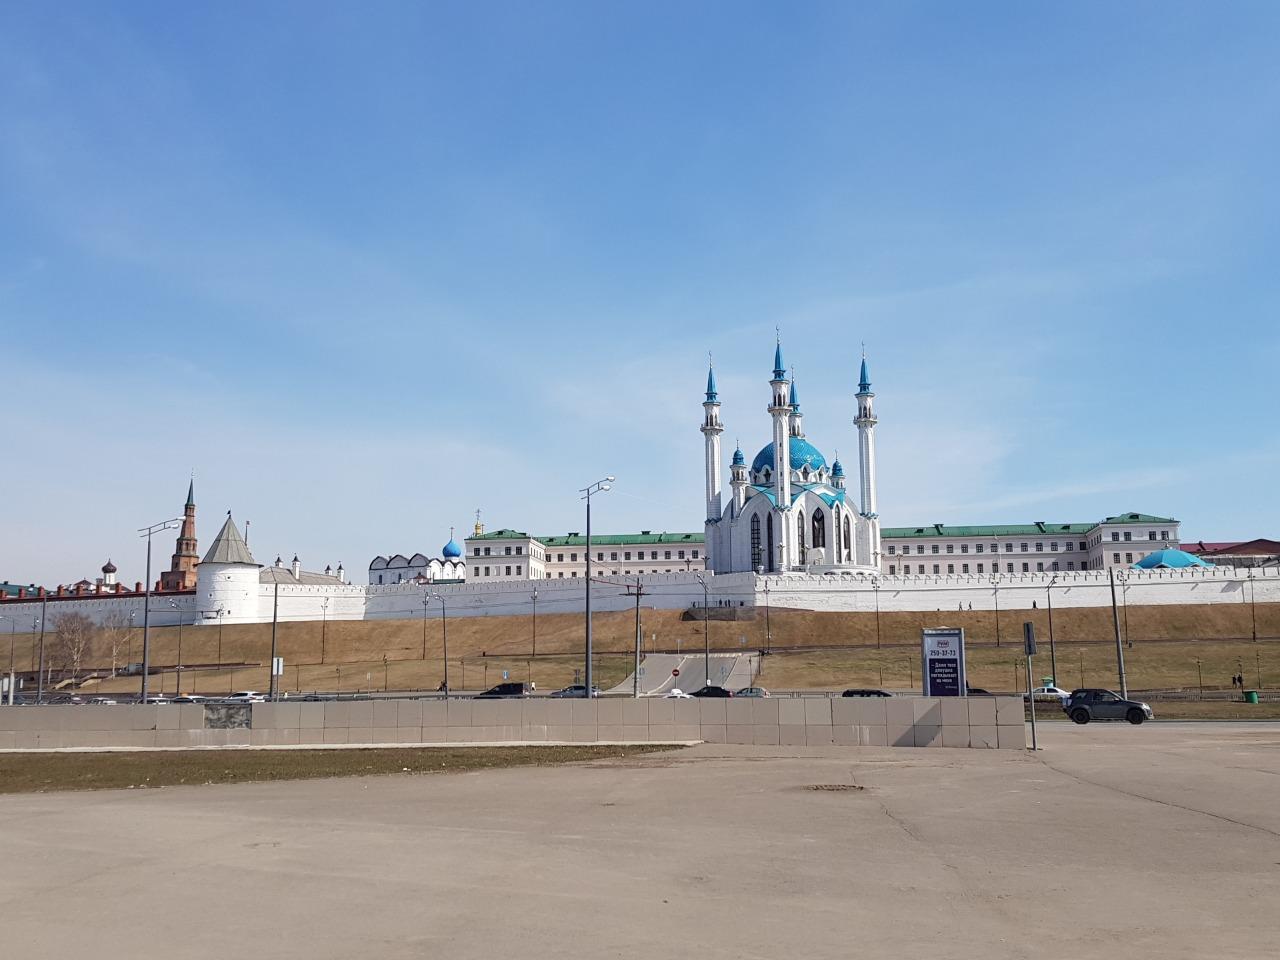 Обзорная экскурсия по Казанскому Кремлю - индивидуальная экскурсия в Казани от опытного гида